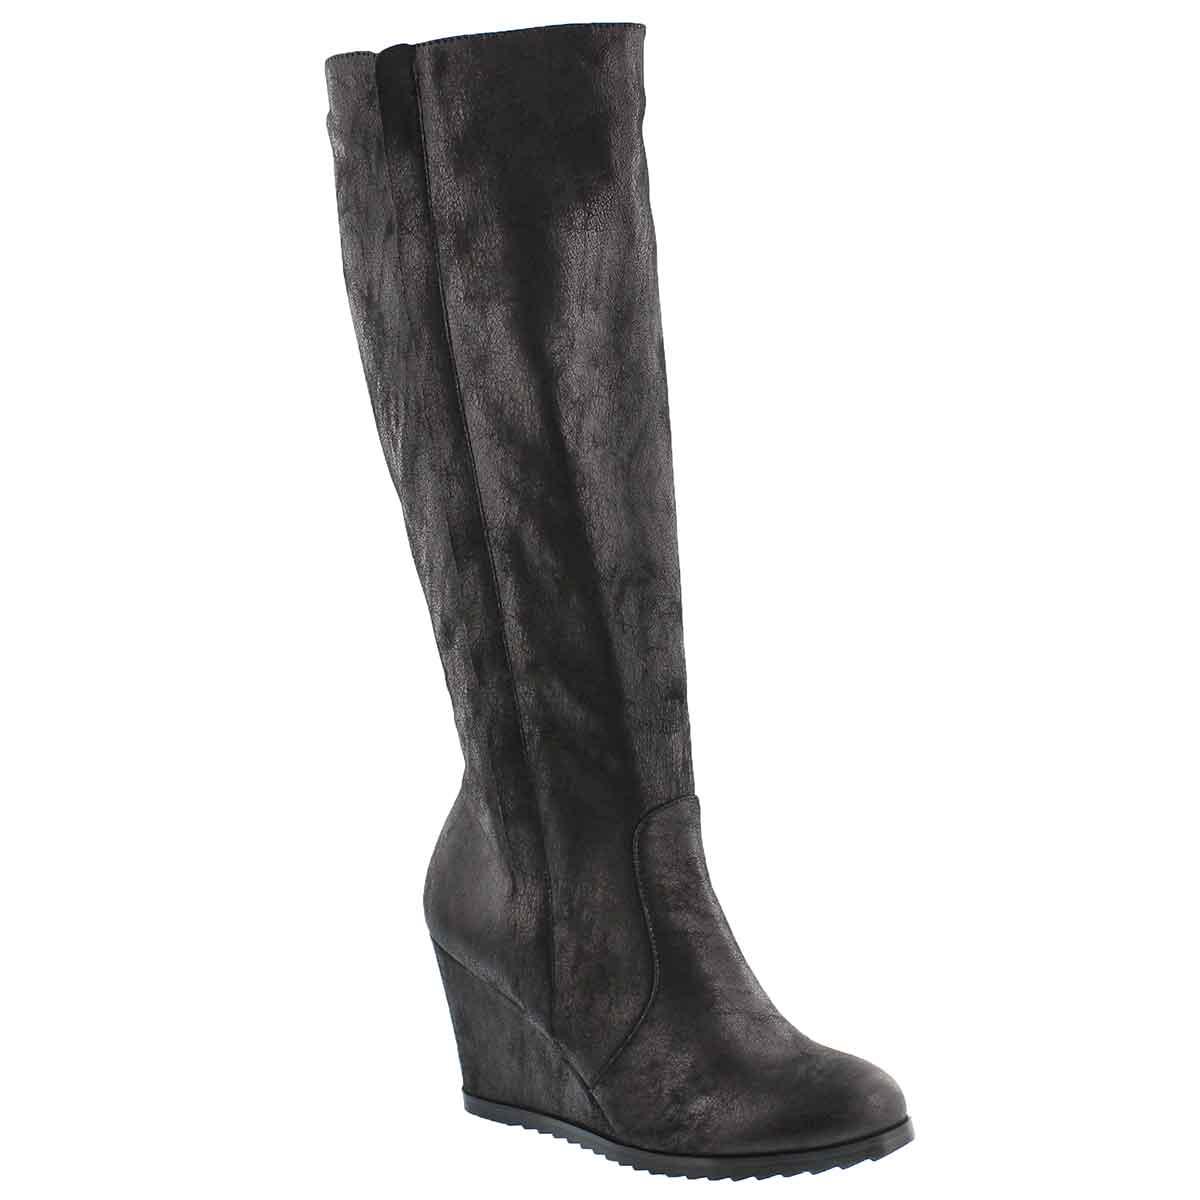 Women's BLONDIE MID black knee high wedge boots